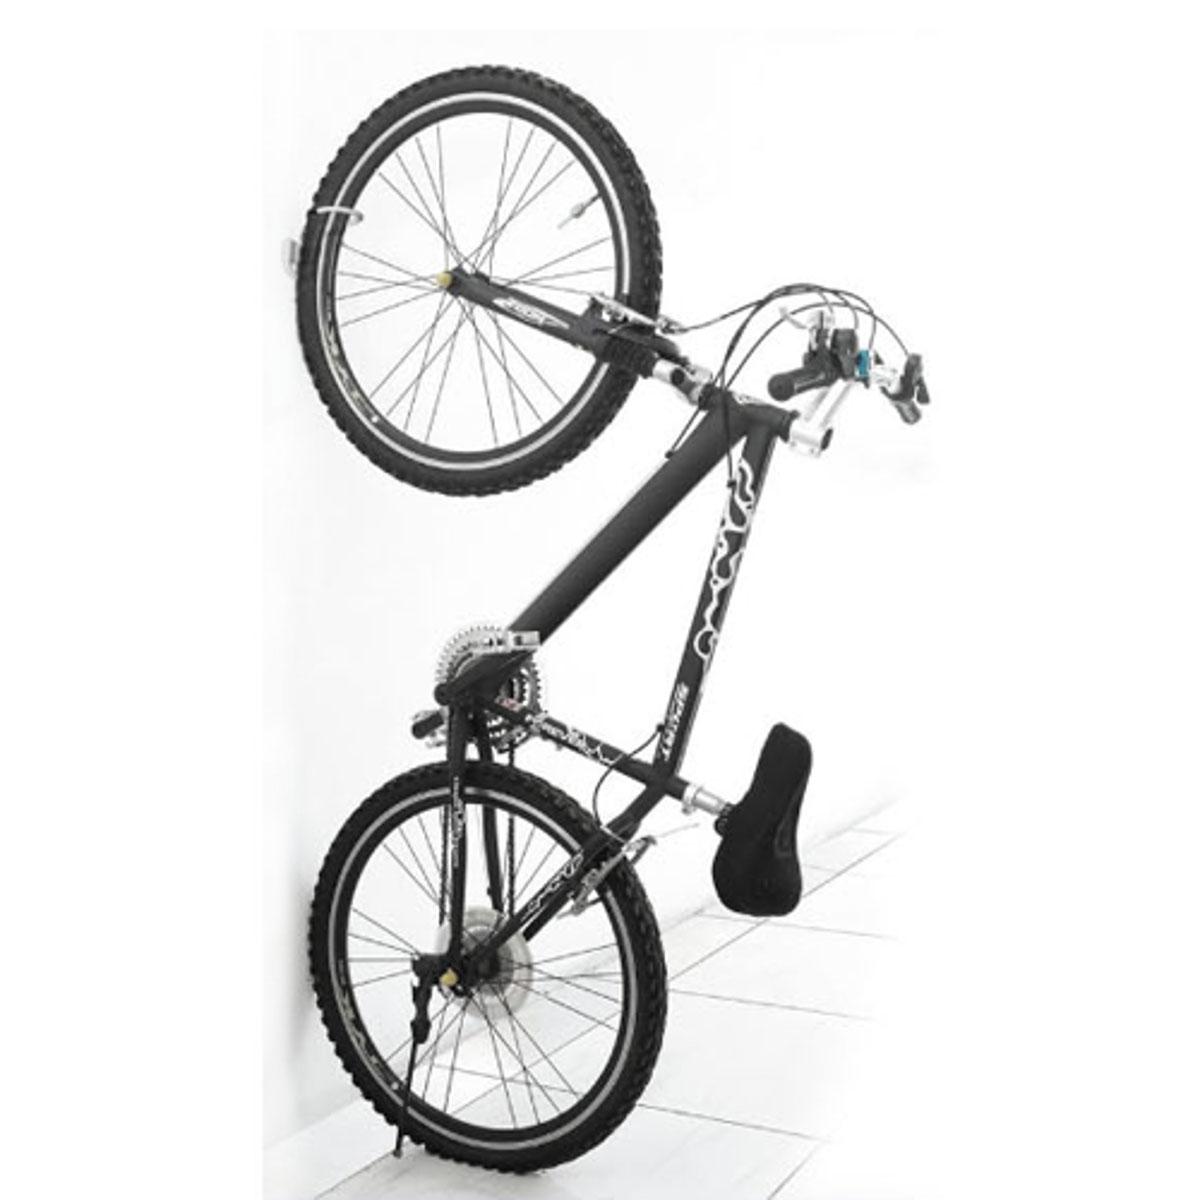 """Подвес для хранения велосипеда """"МастерПроф"""" используется для установки в гаражных или   кладовых помещениях. Изделие служит для удержания велосипеда в подвесном состоянии и   освобождения места для хранения других необходимых предметов. Подвес имеет прочную   конструкцию, максимальная нагрузка может достигать 27 кг.Крепеж в комплекте.     Гид по велоаксессуарам. Статья OZON Гид"""